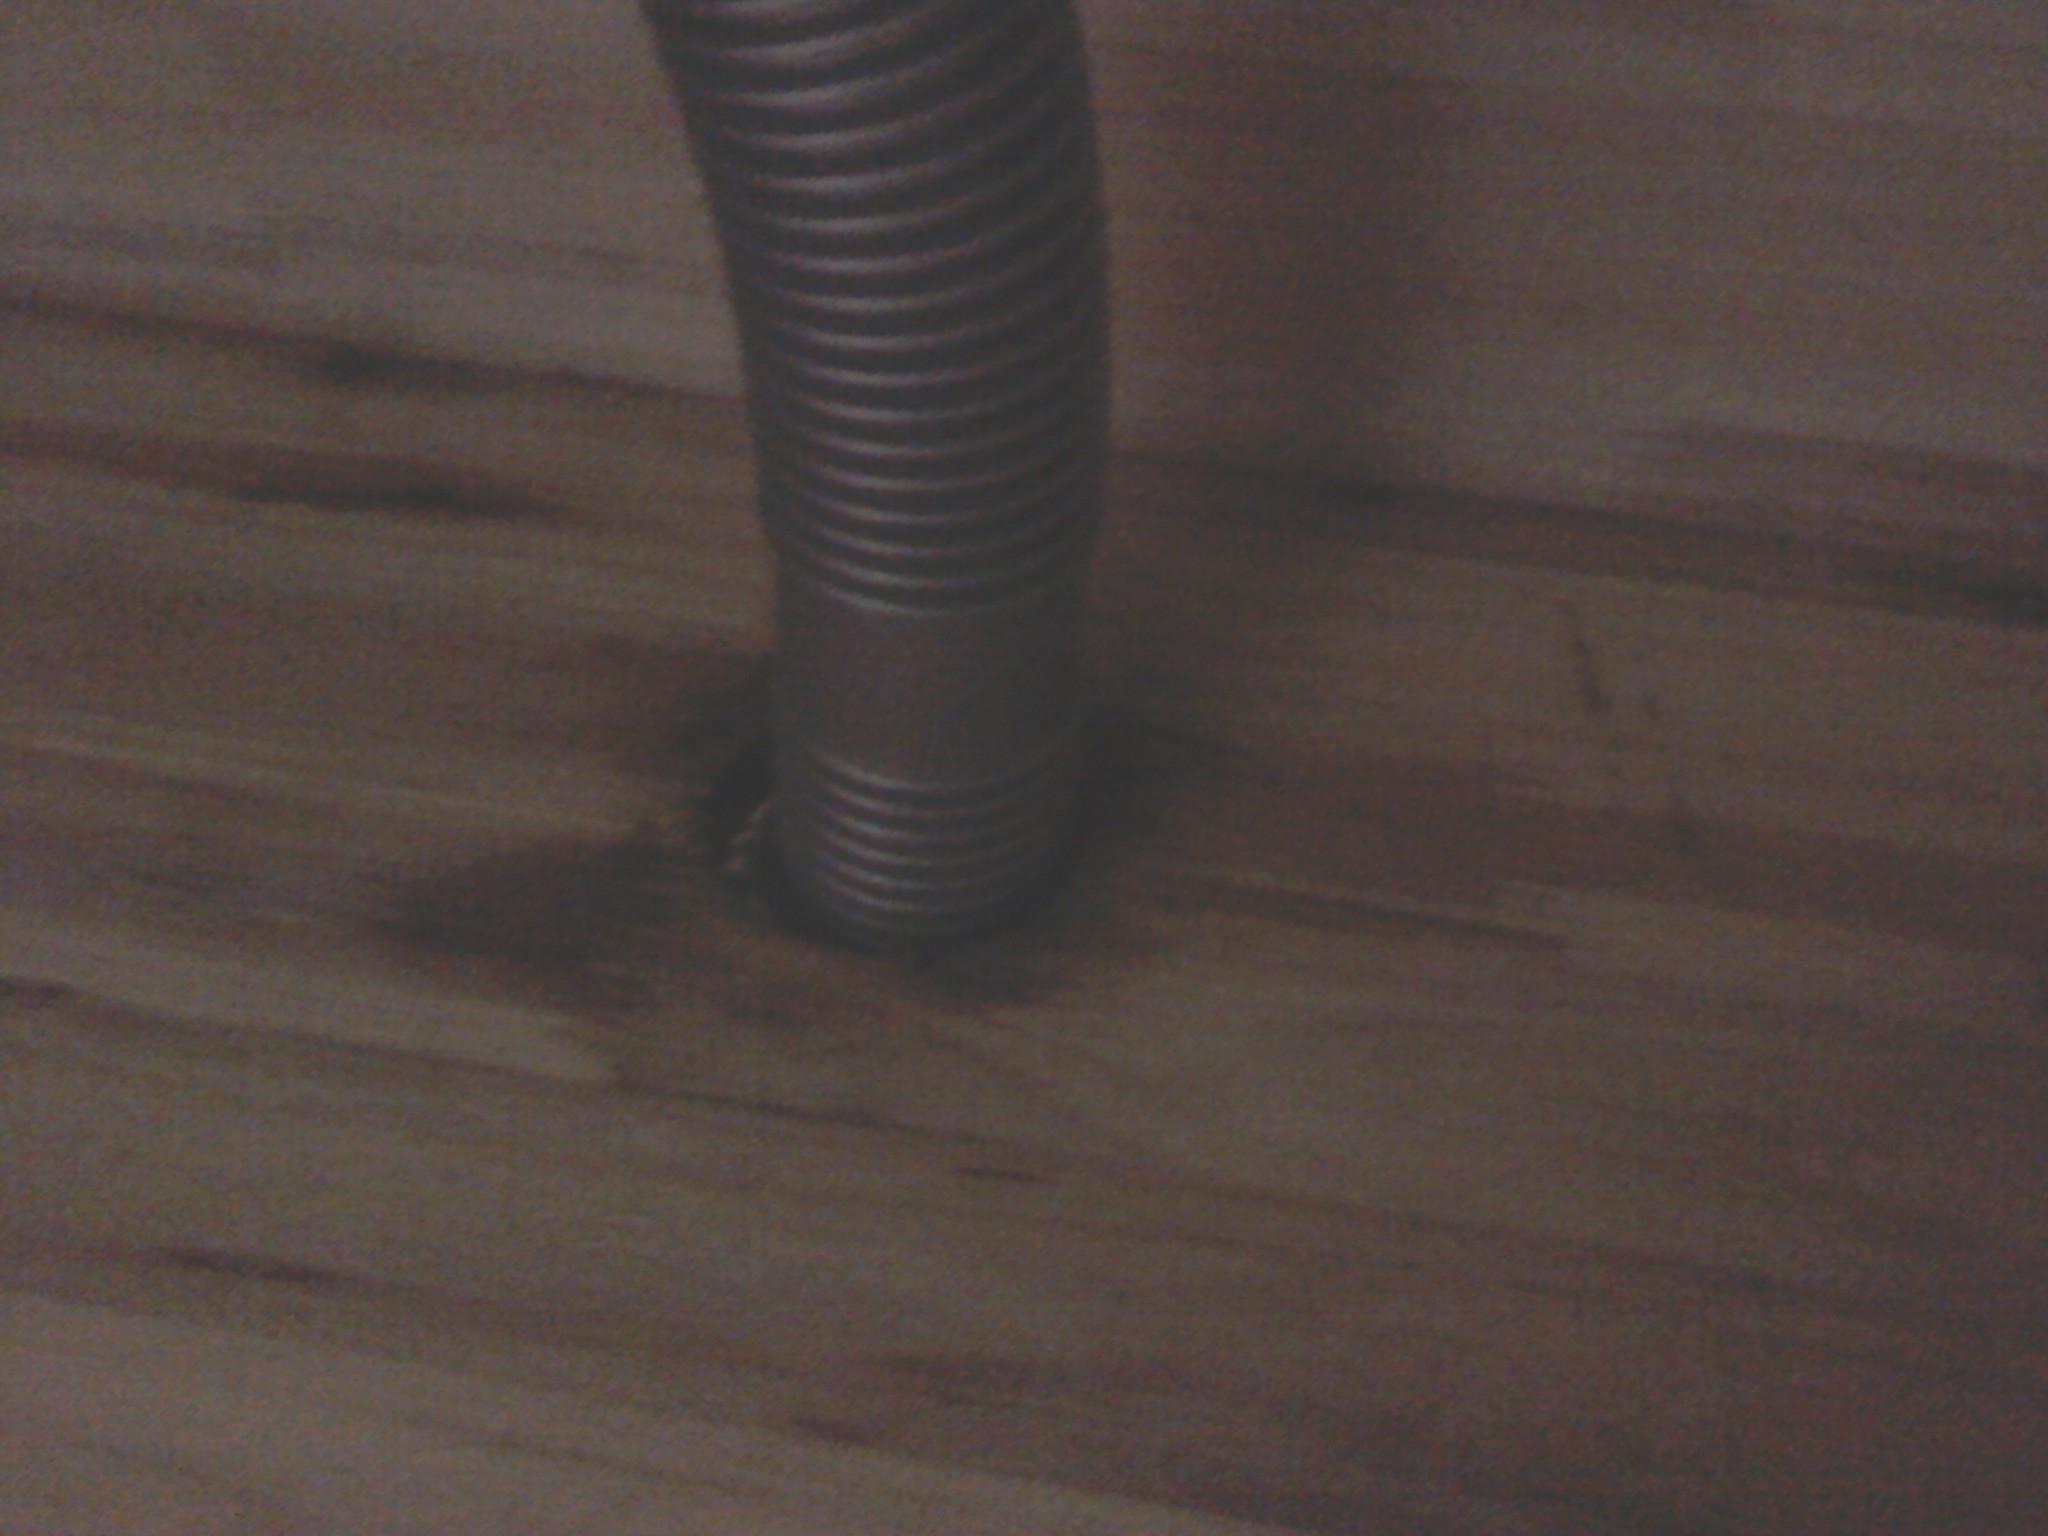 厨房水槽下水管道漏水怎么修?